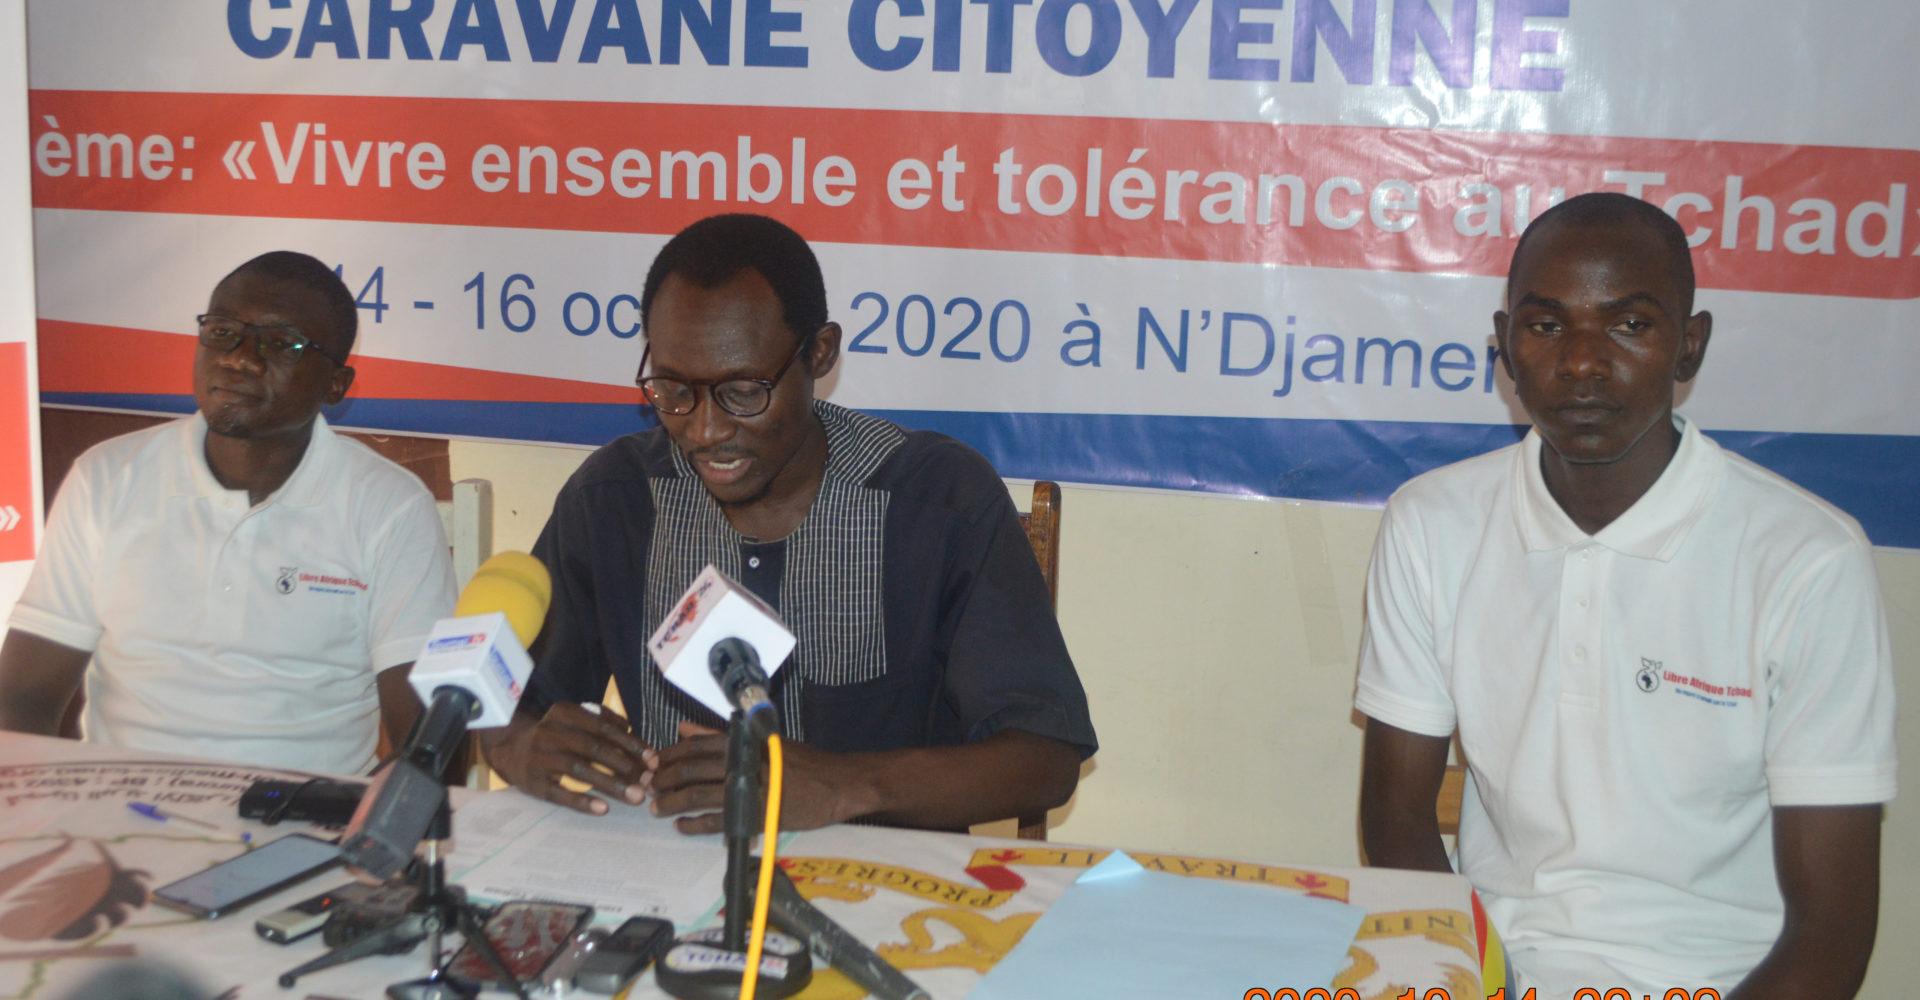 Une caravane de sensibilisation pour le vivre ensemble et tolérance au Tchad 1